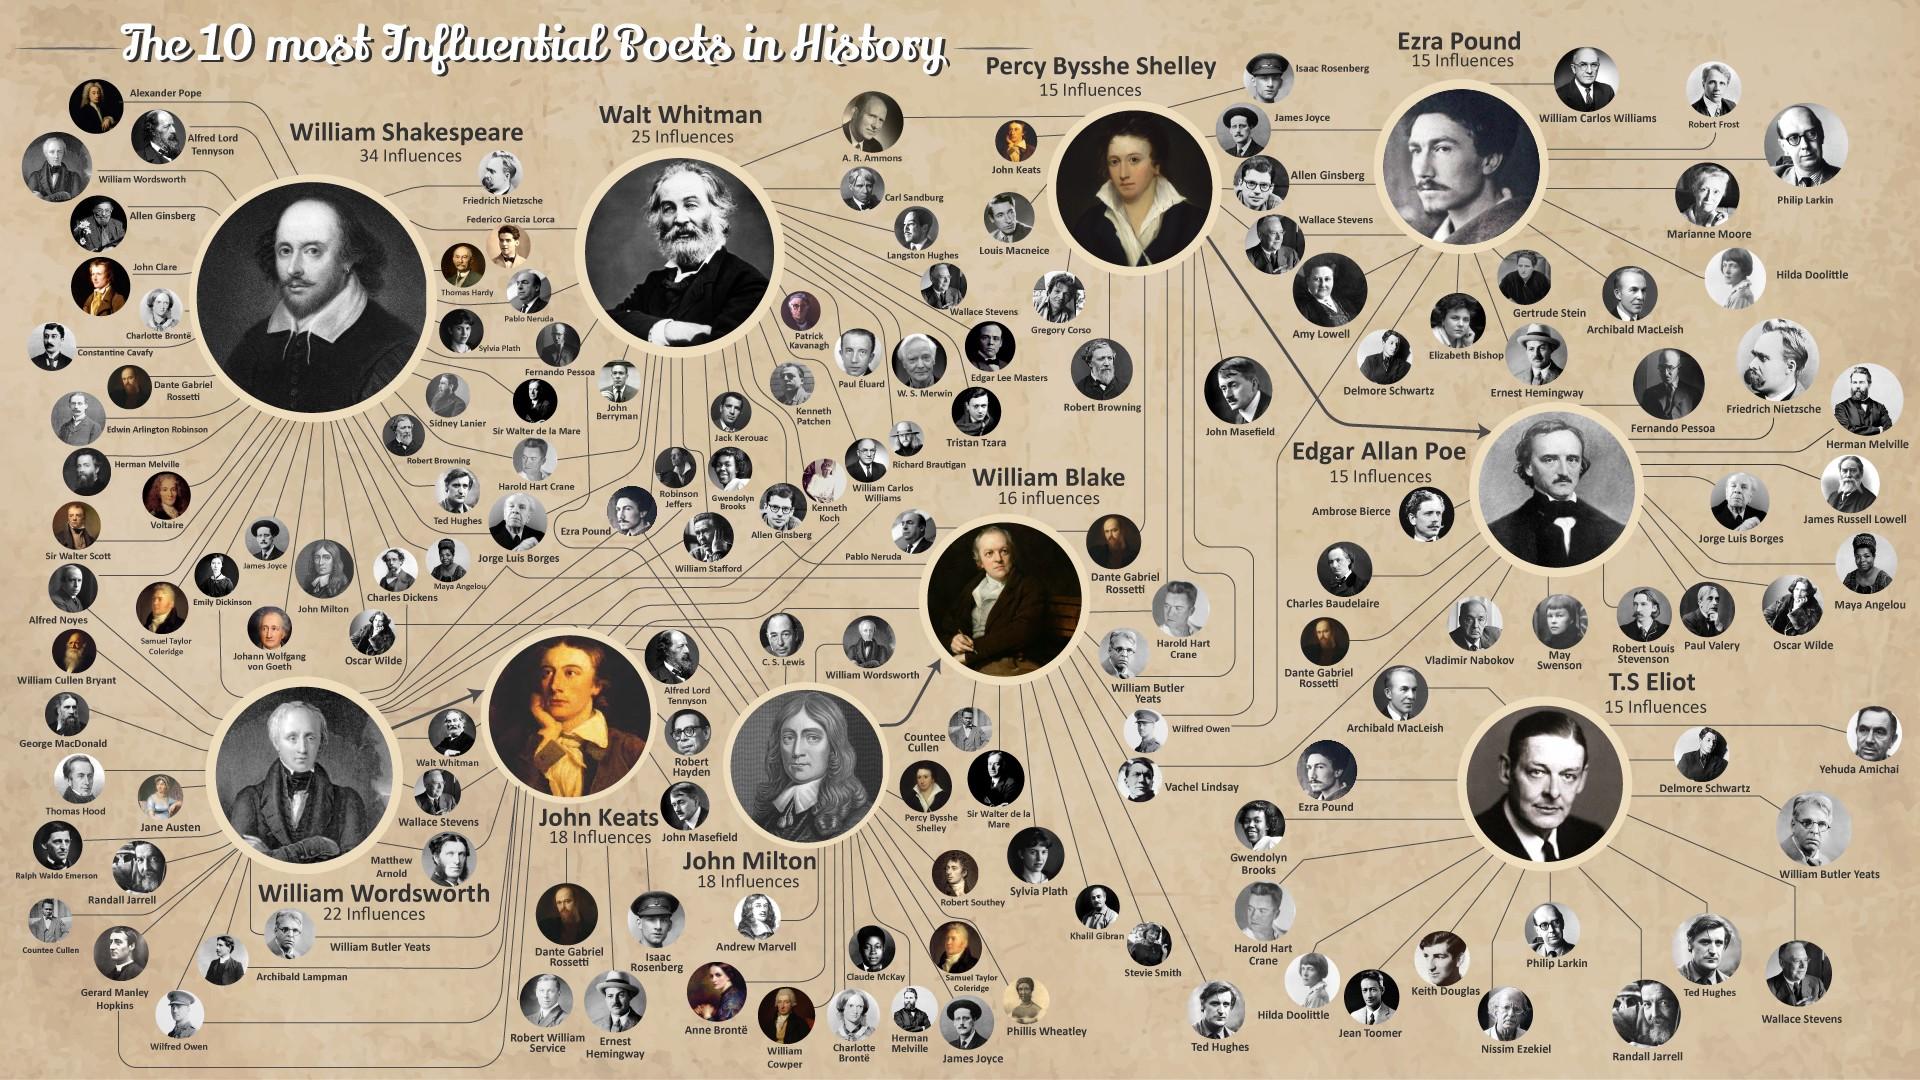 اینفوگرافی تاثیرگذارترین شاعران غربی